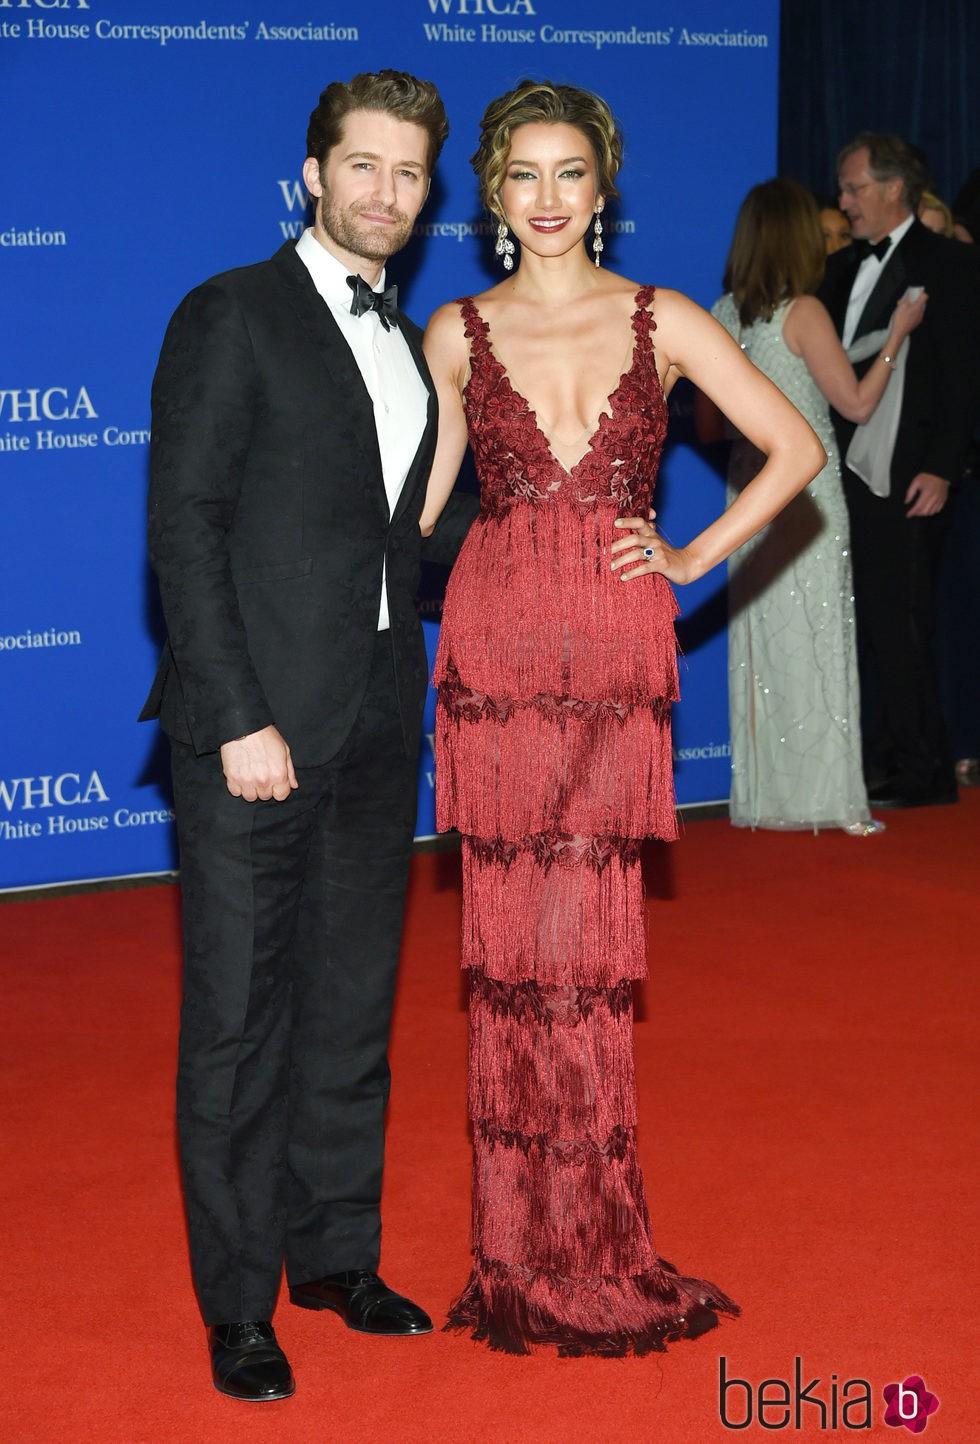 Matthew Morrison y Renee Puente en la Fiesta de Corresponsales 2016 en la Casa Blanca